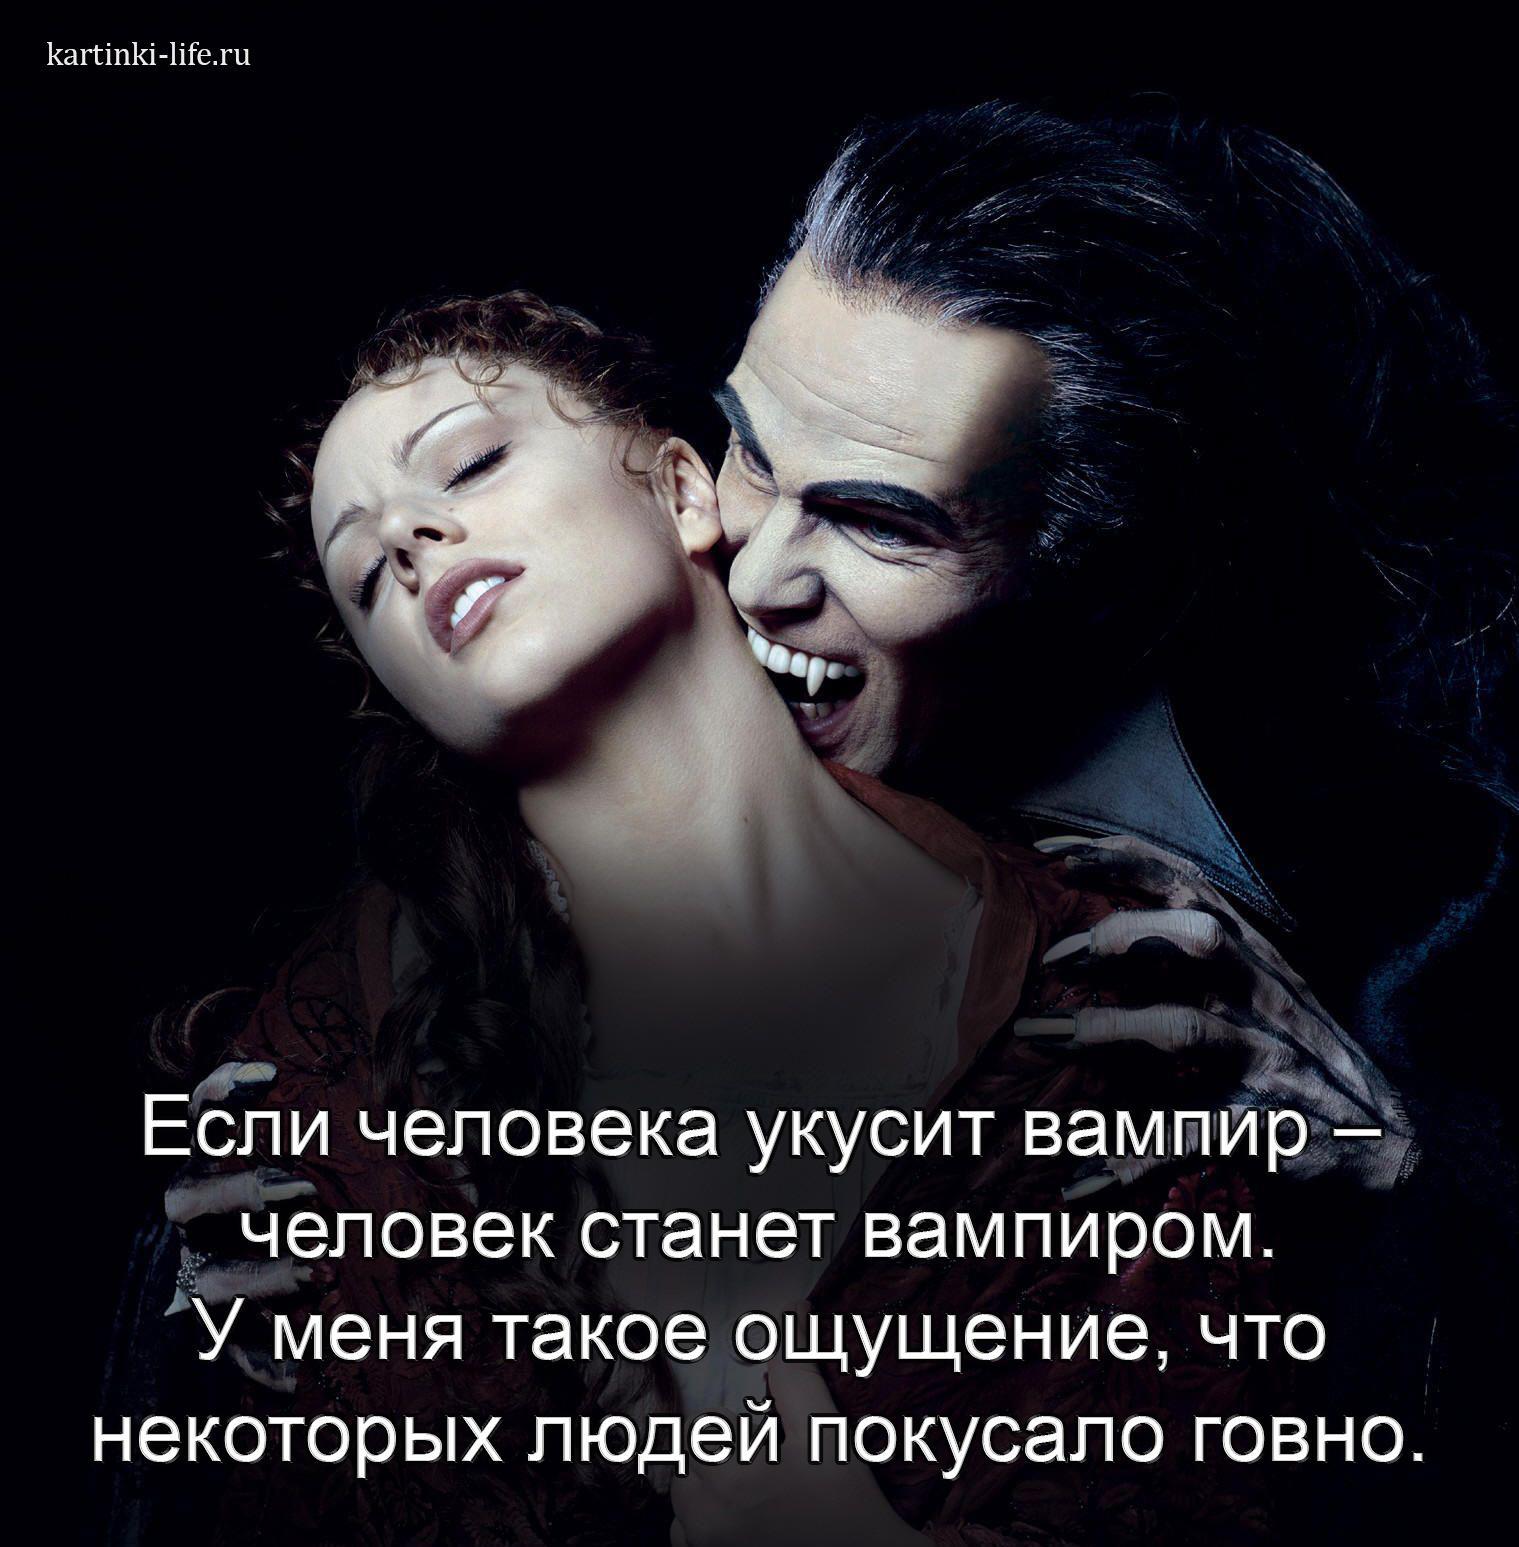 Если человека укусит вампир – человек станет вампиром. У меня такое ощущение, что некоторых людей покусало говно.